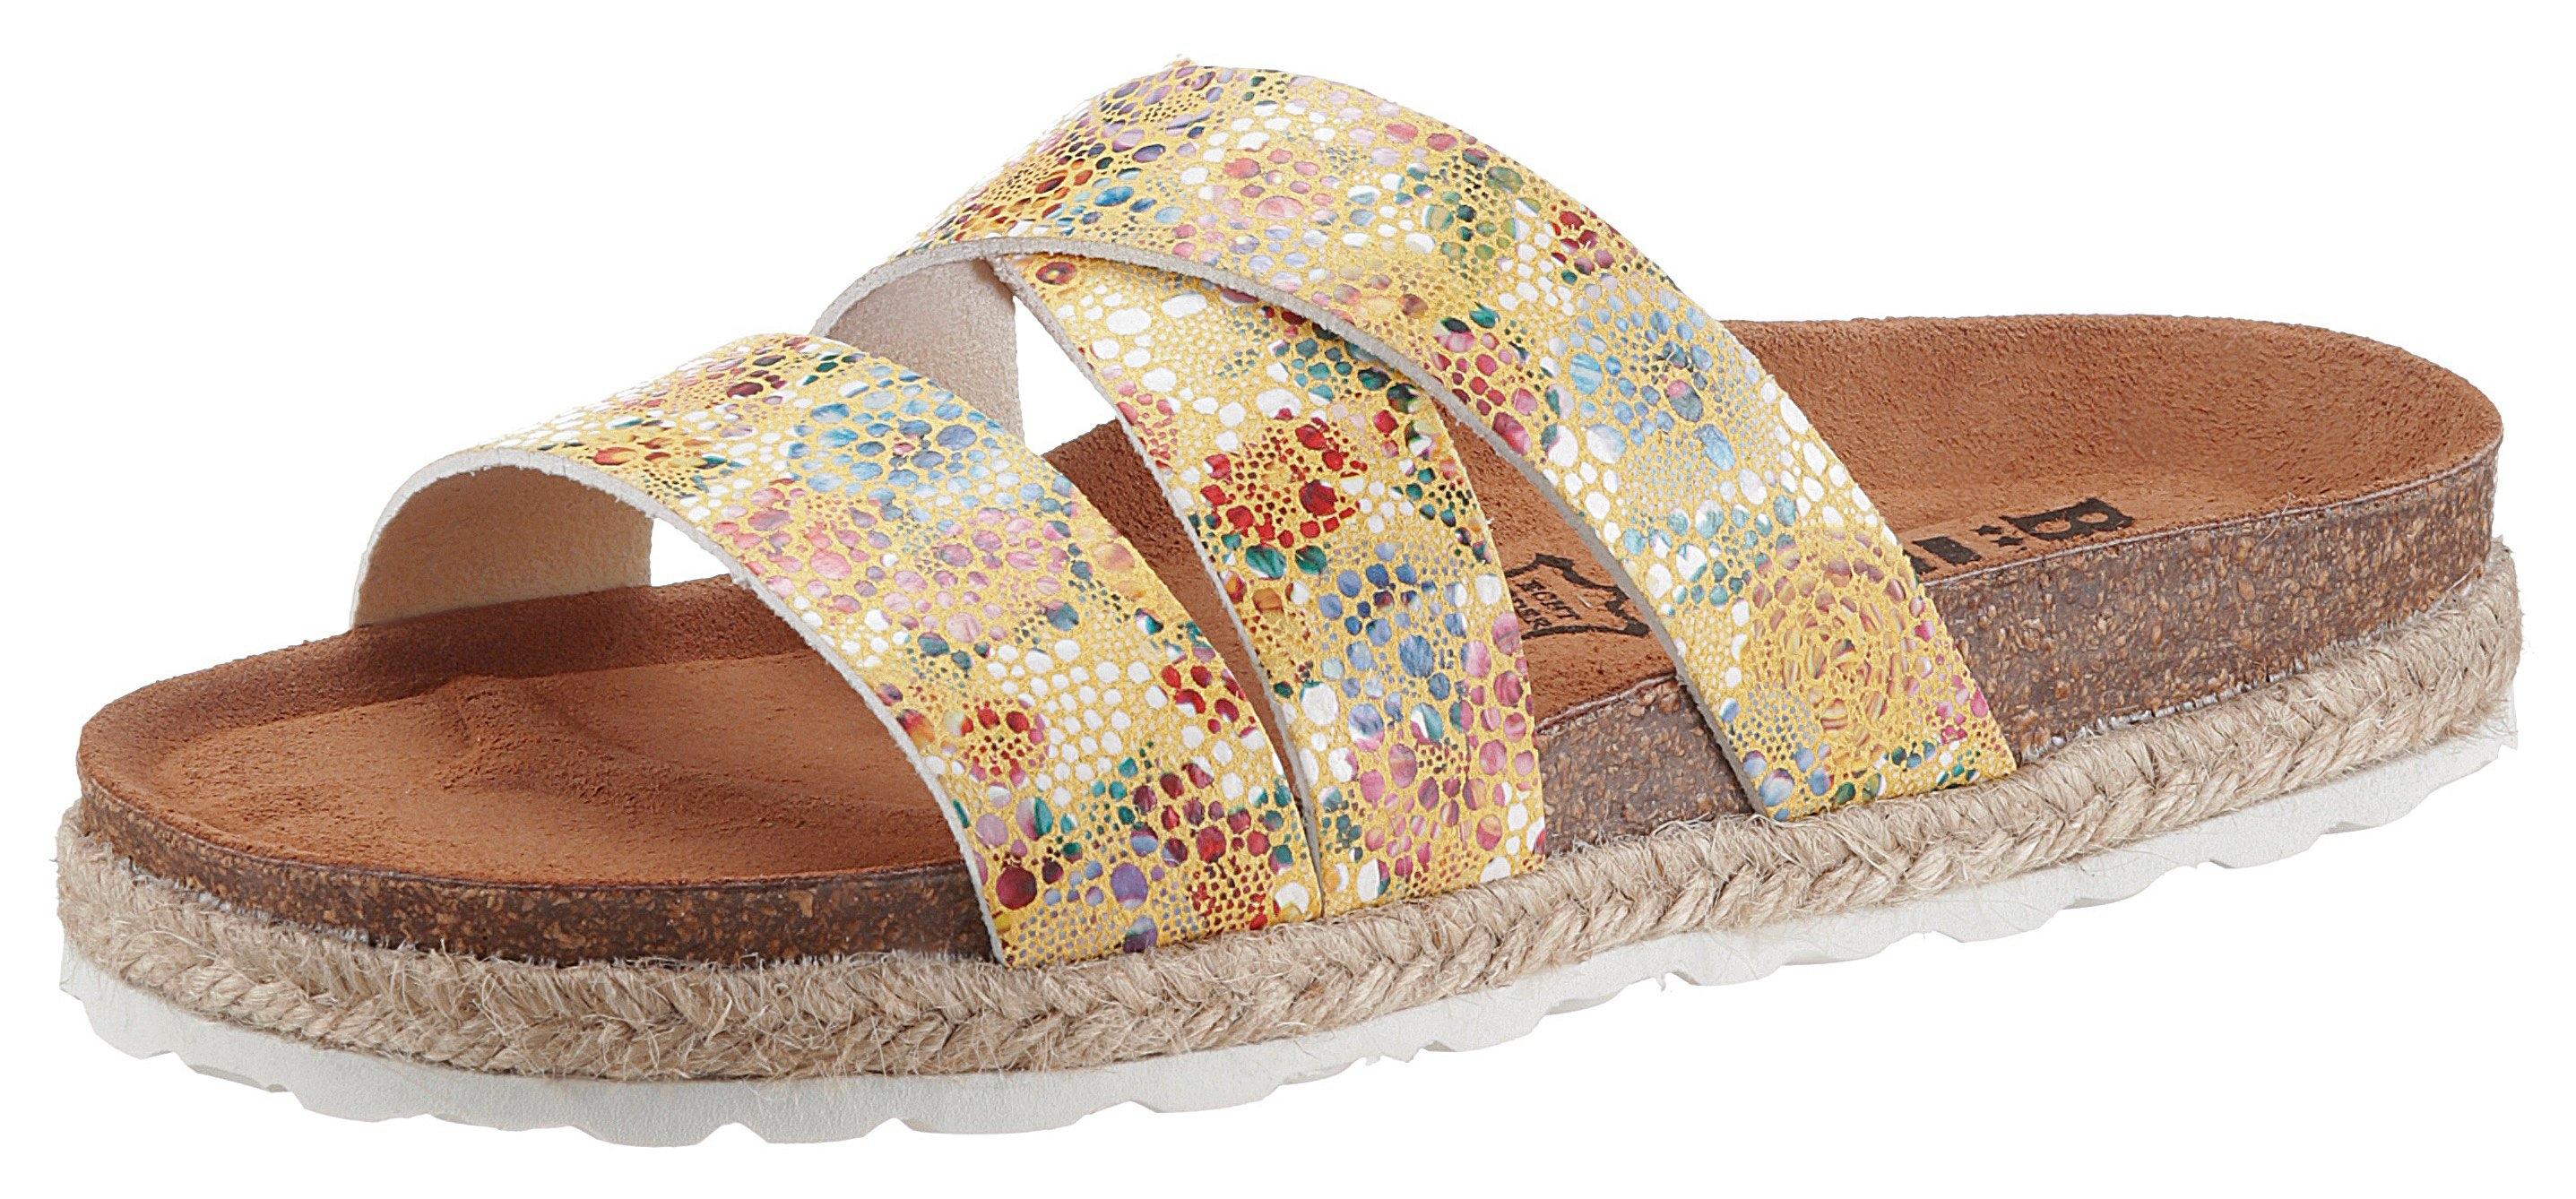 Op zoek naar een Bio Time slippers met veelkleurige print? Koop online bij OTTO